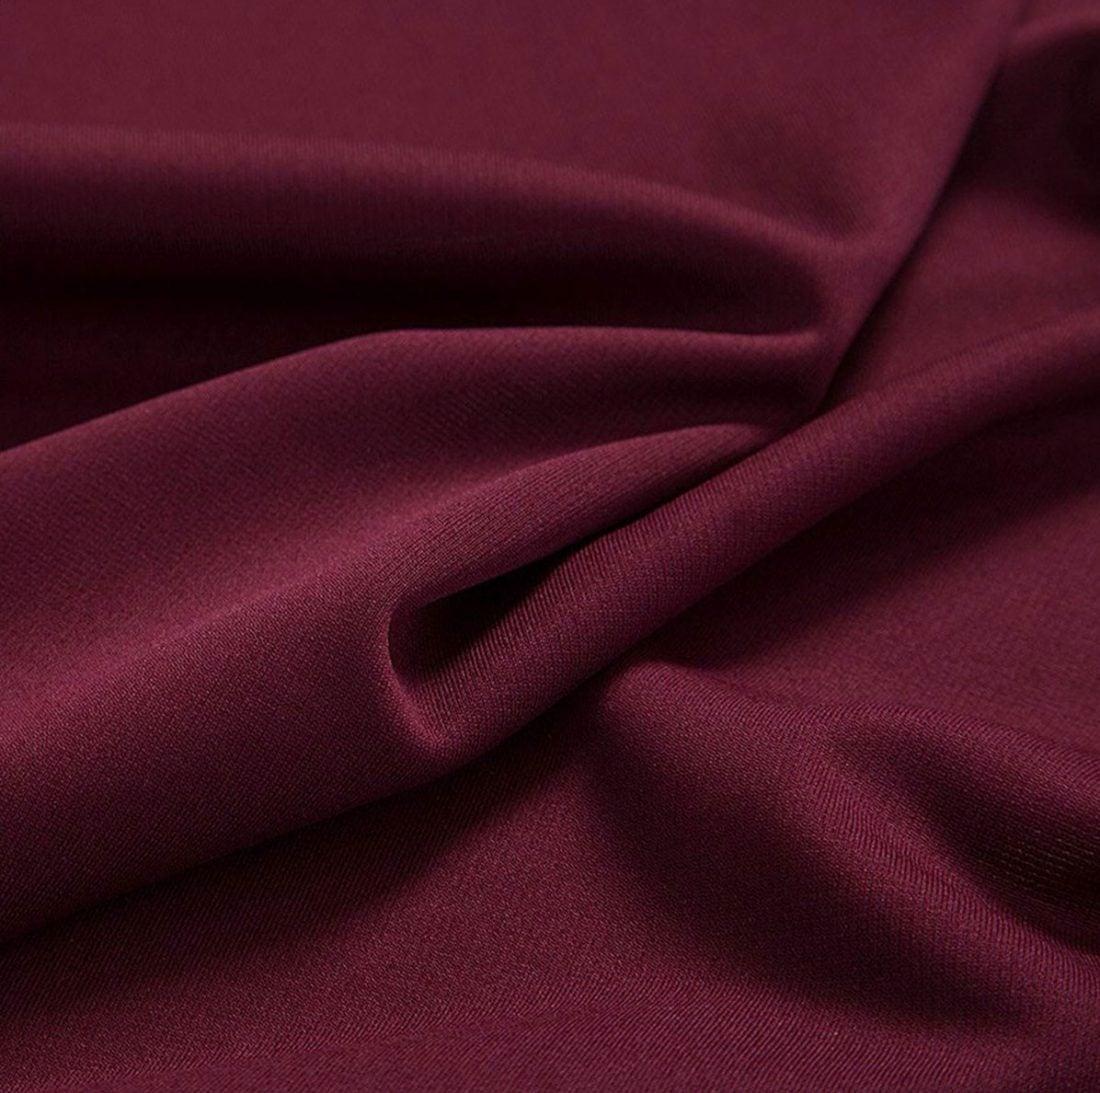 M0185 red9 Bodycon Dresses maureens.com boutique